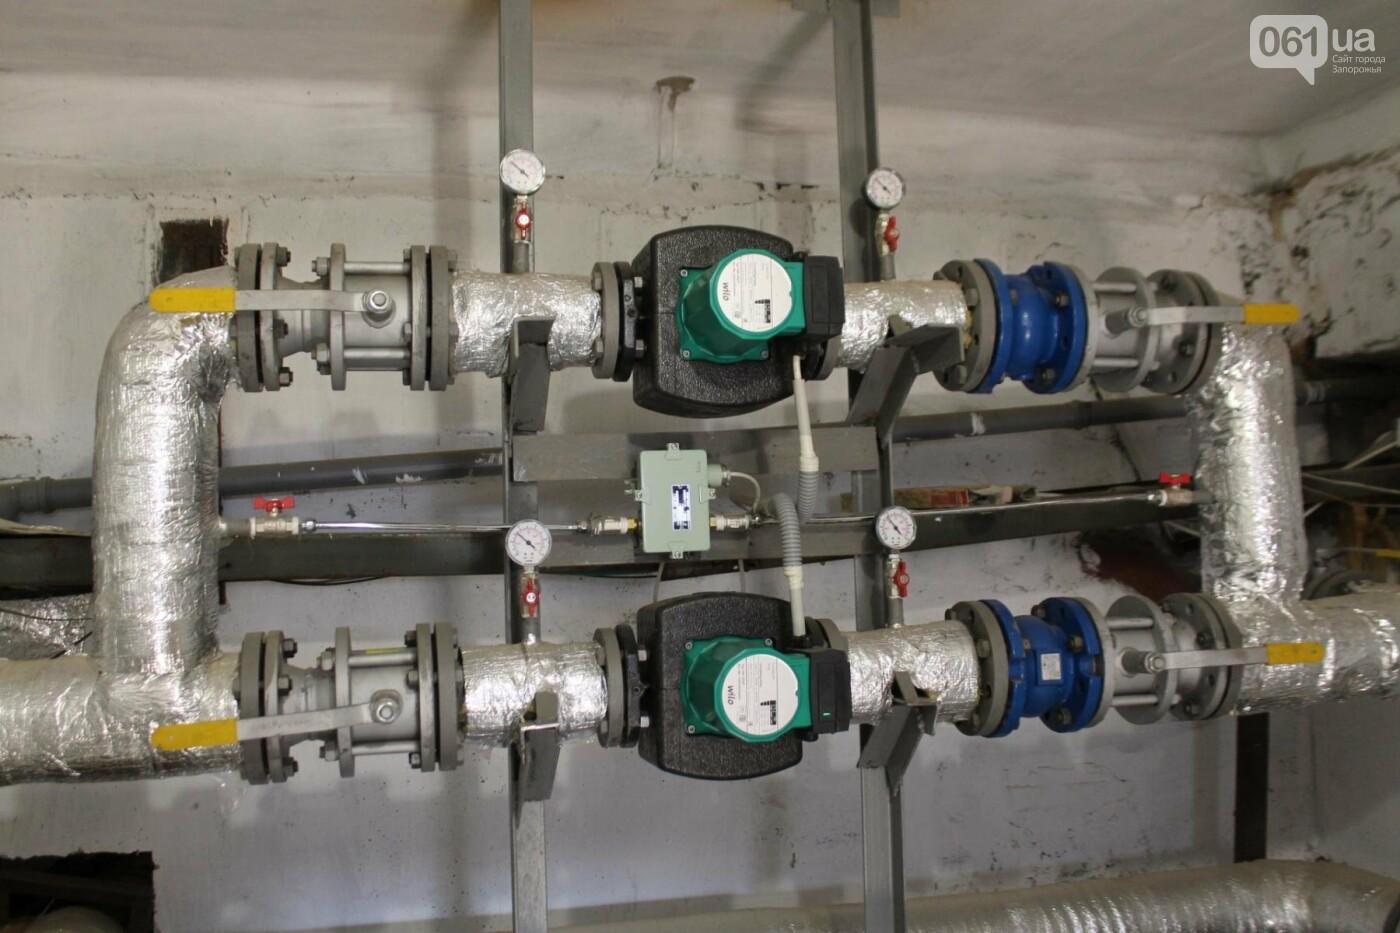 Сам себе хозяин: как запорожские ОСМД занимаются энергосбережением и значительно экономят на тарифах, — ФОТО, фото-9